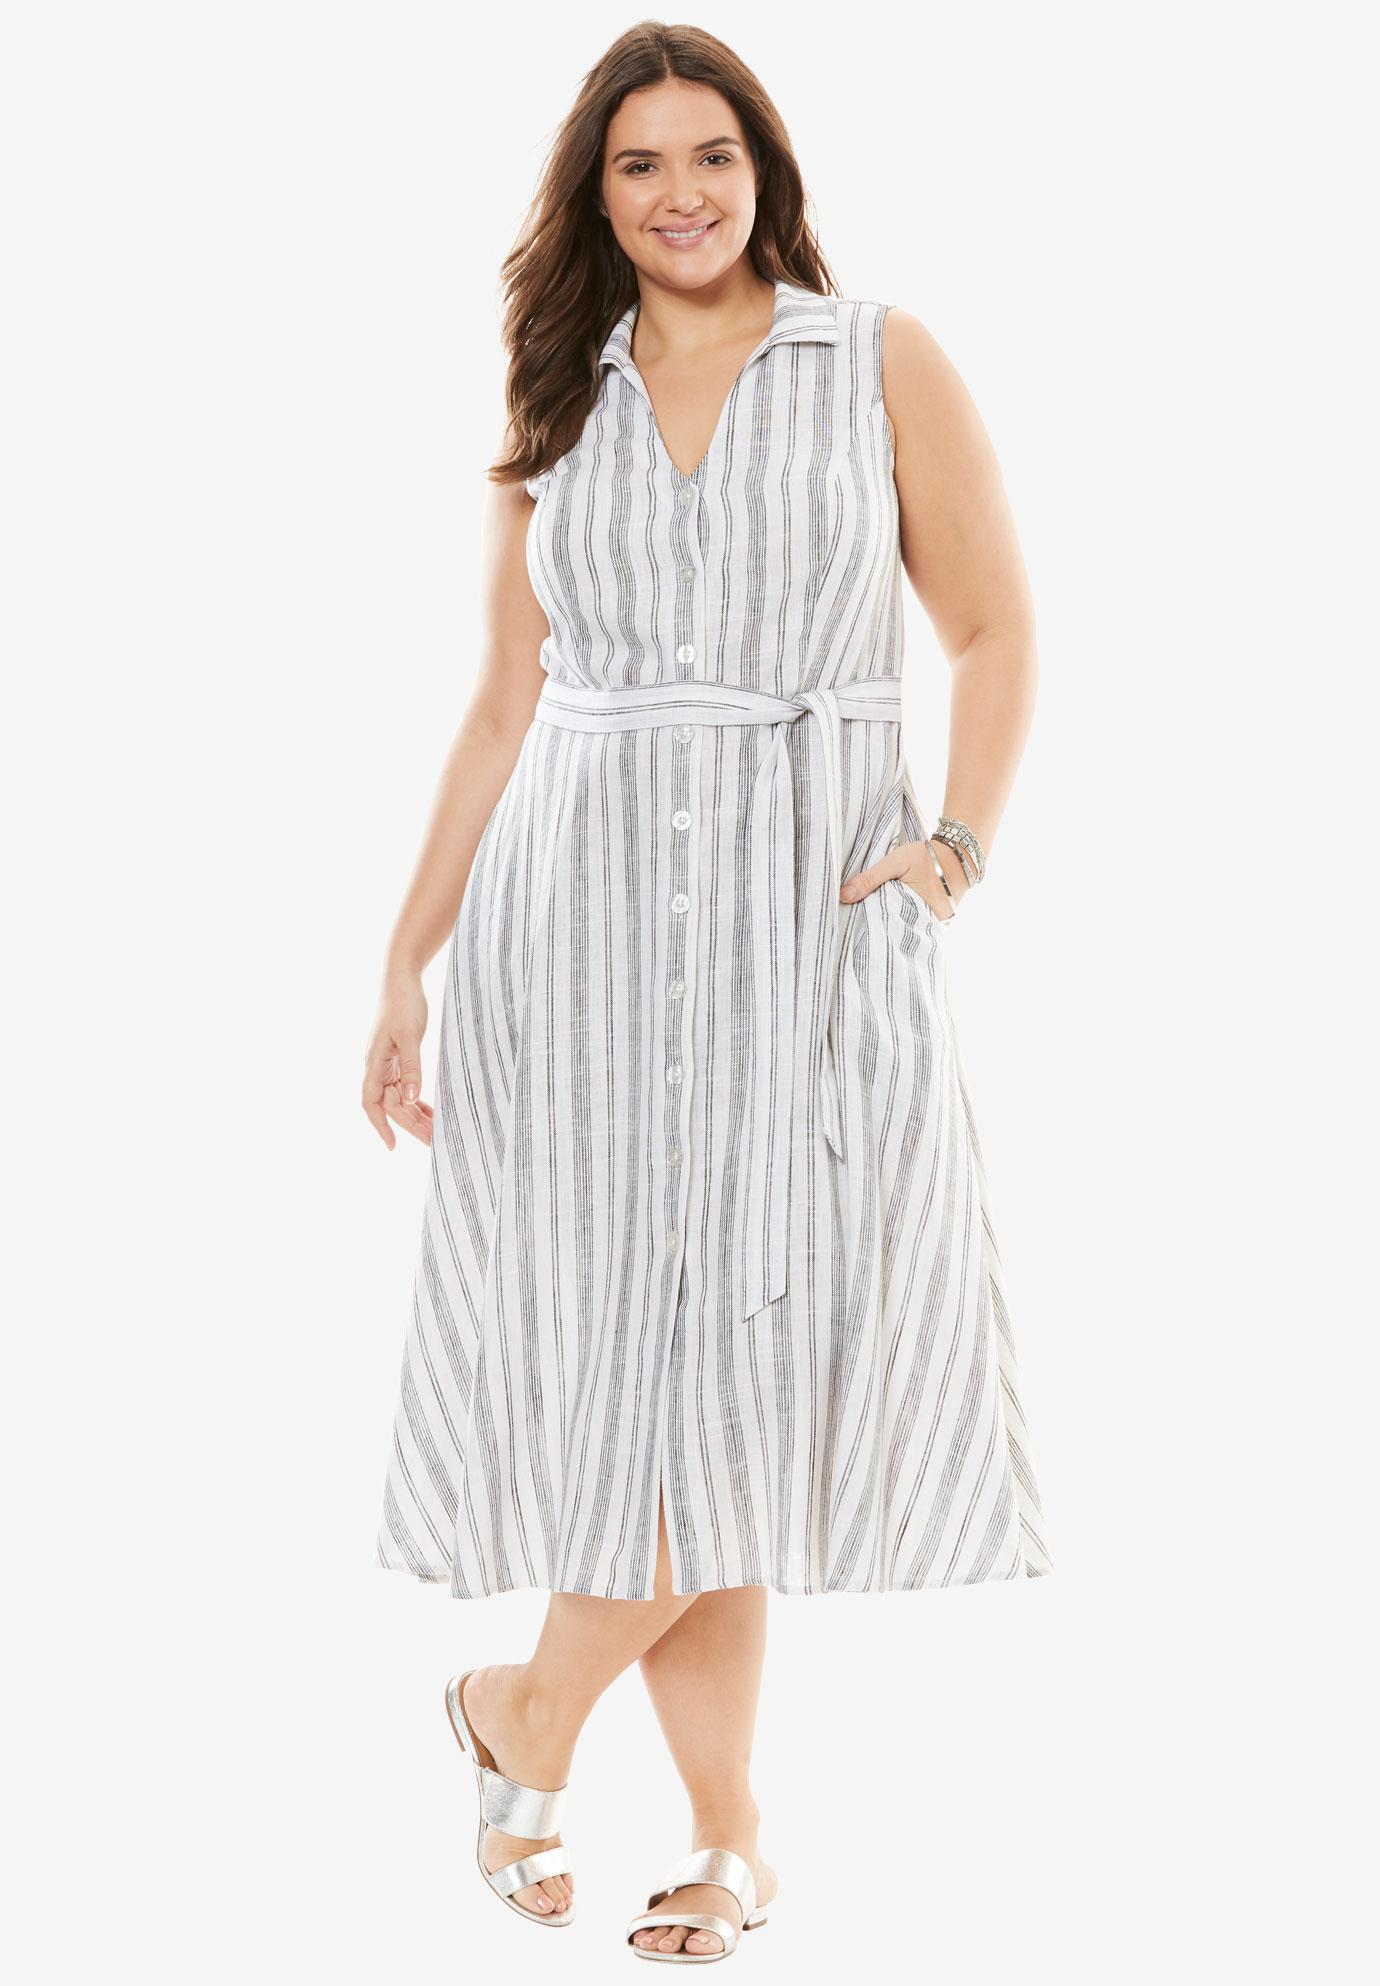 a001cc9a3ec Striped Linen Shirtdress with Collar